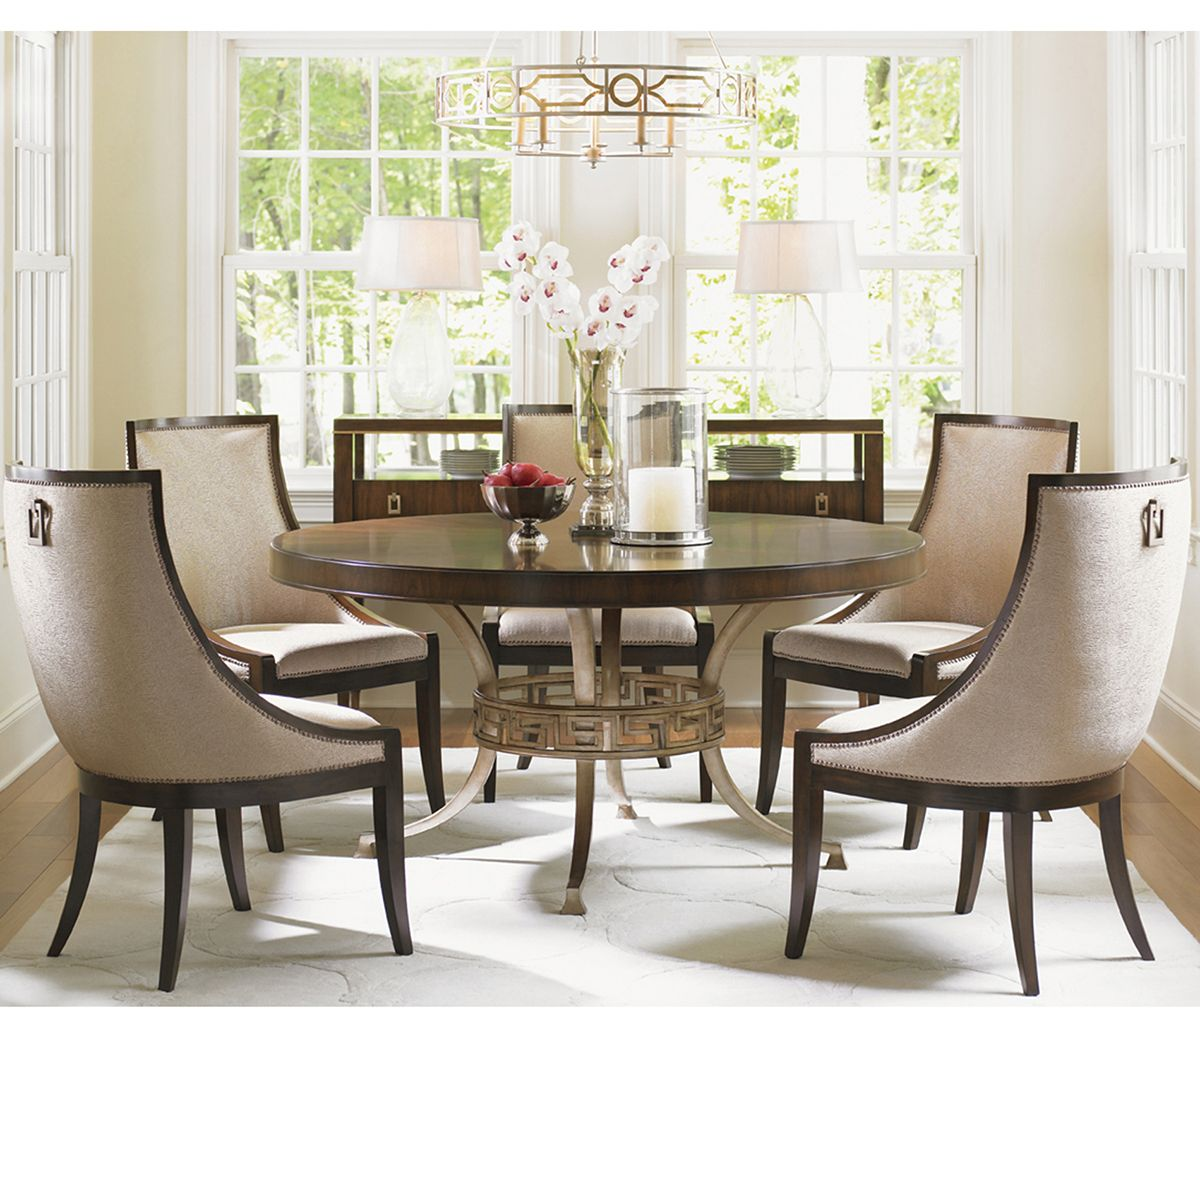 Lexington Tower Place Talbott Upholstered Host Chair Set Of 2 706 884 01